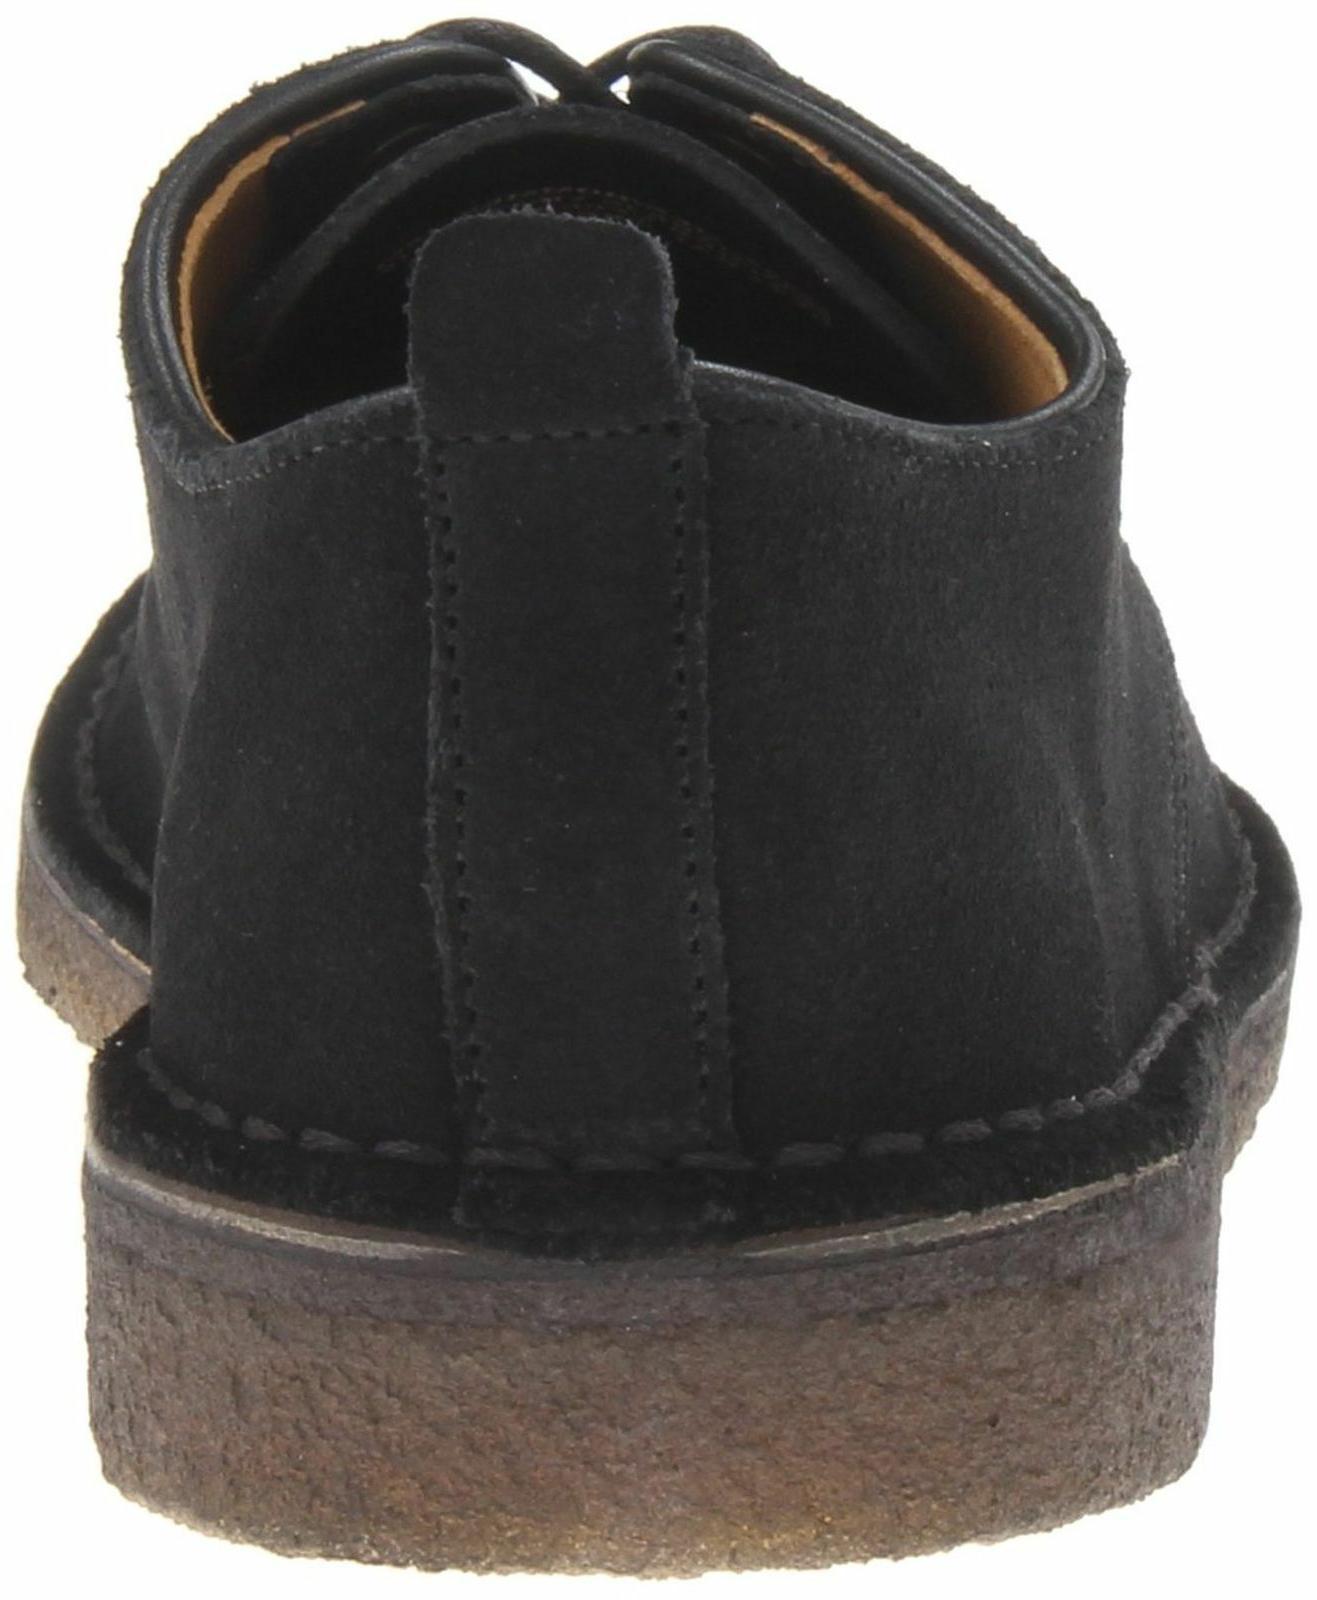 Clarks London Black Shoes